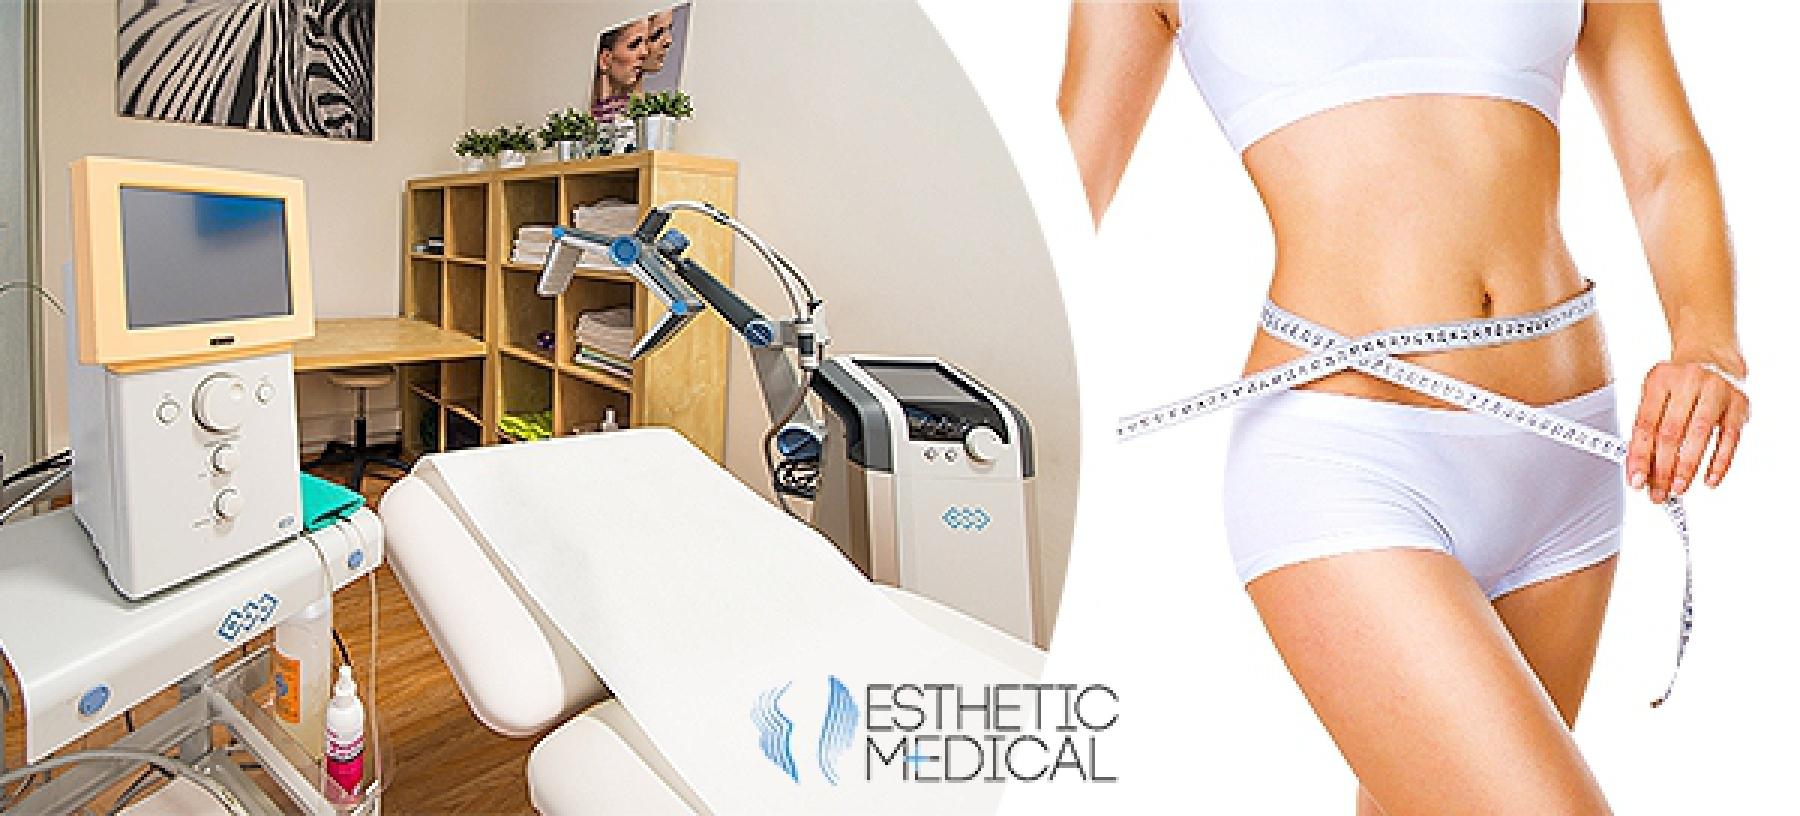 Hubnoucí balíčky v Esthetic Medical Clinic